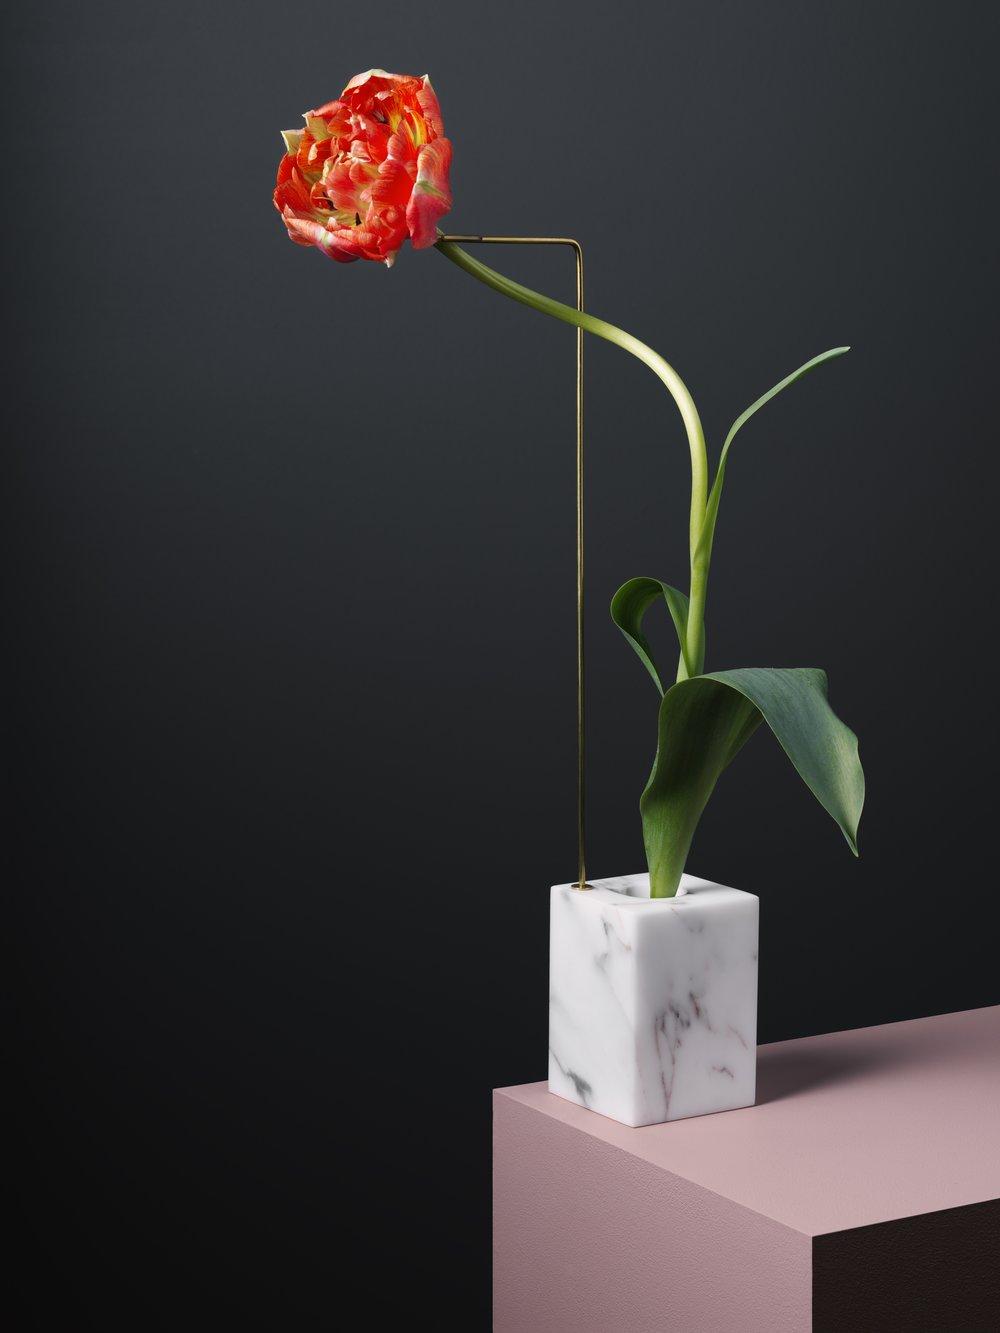 Carl Kleiner-BlocStudios-marble series-Prototypes-image-06.jpeg